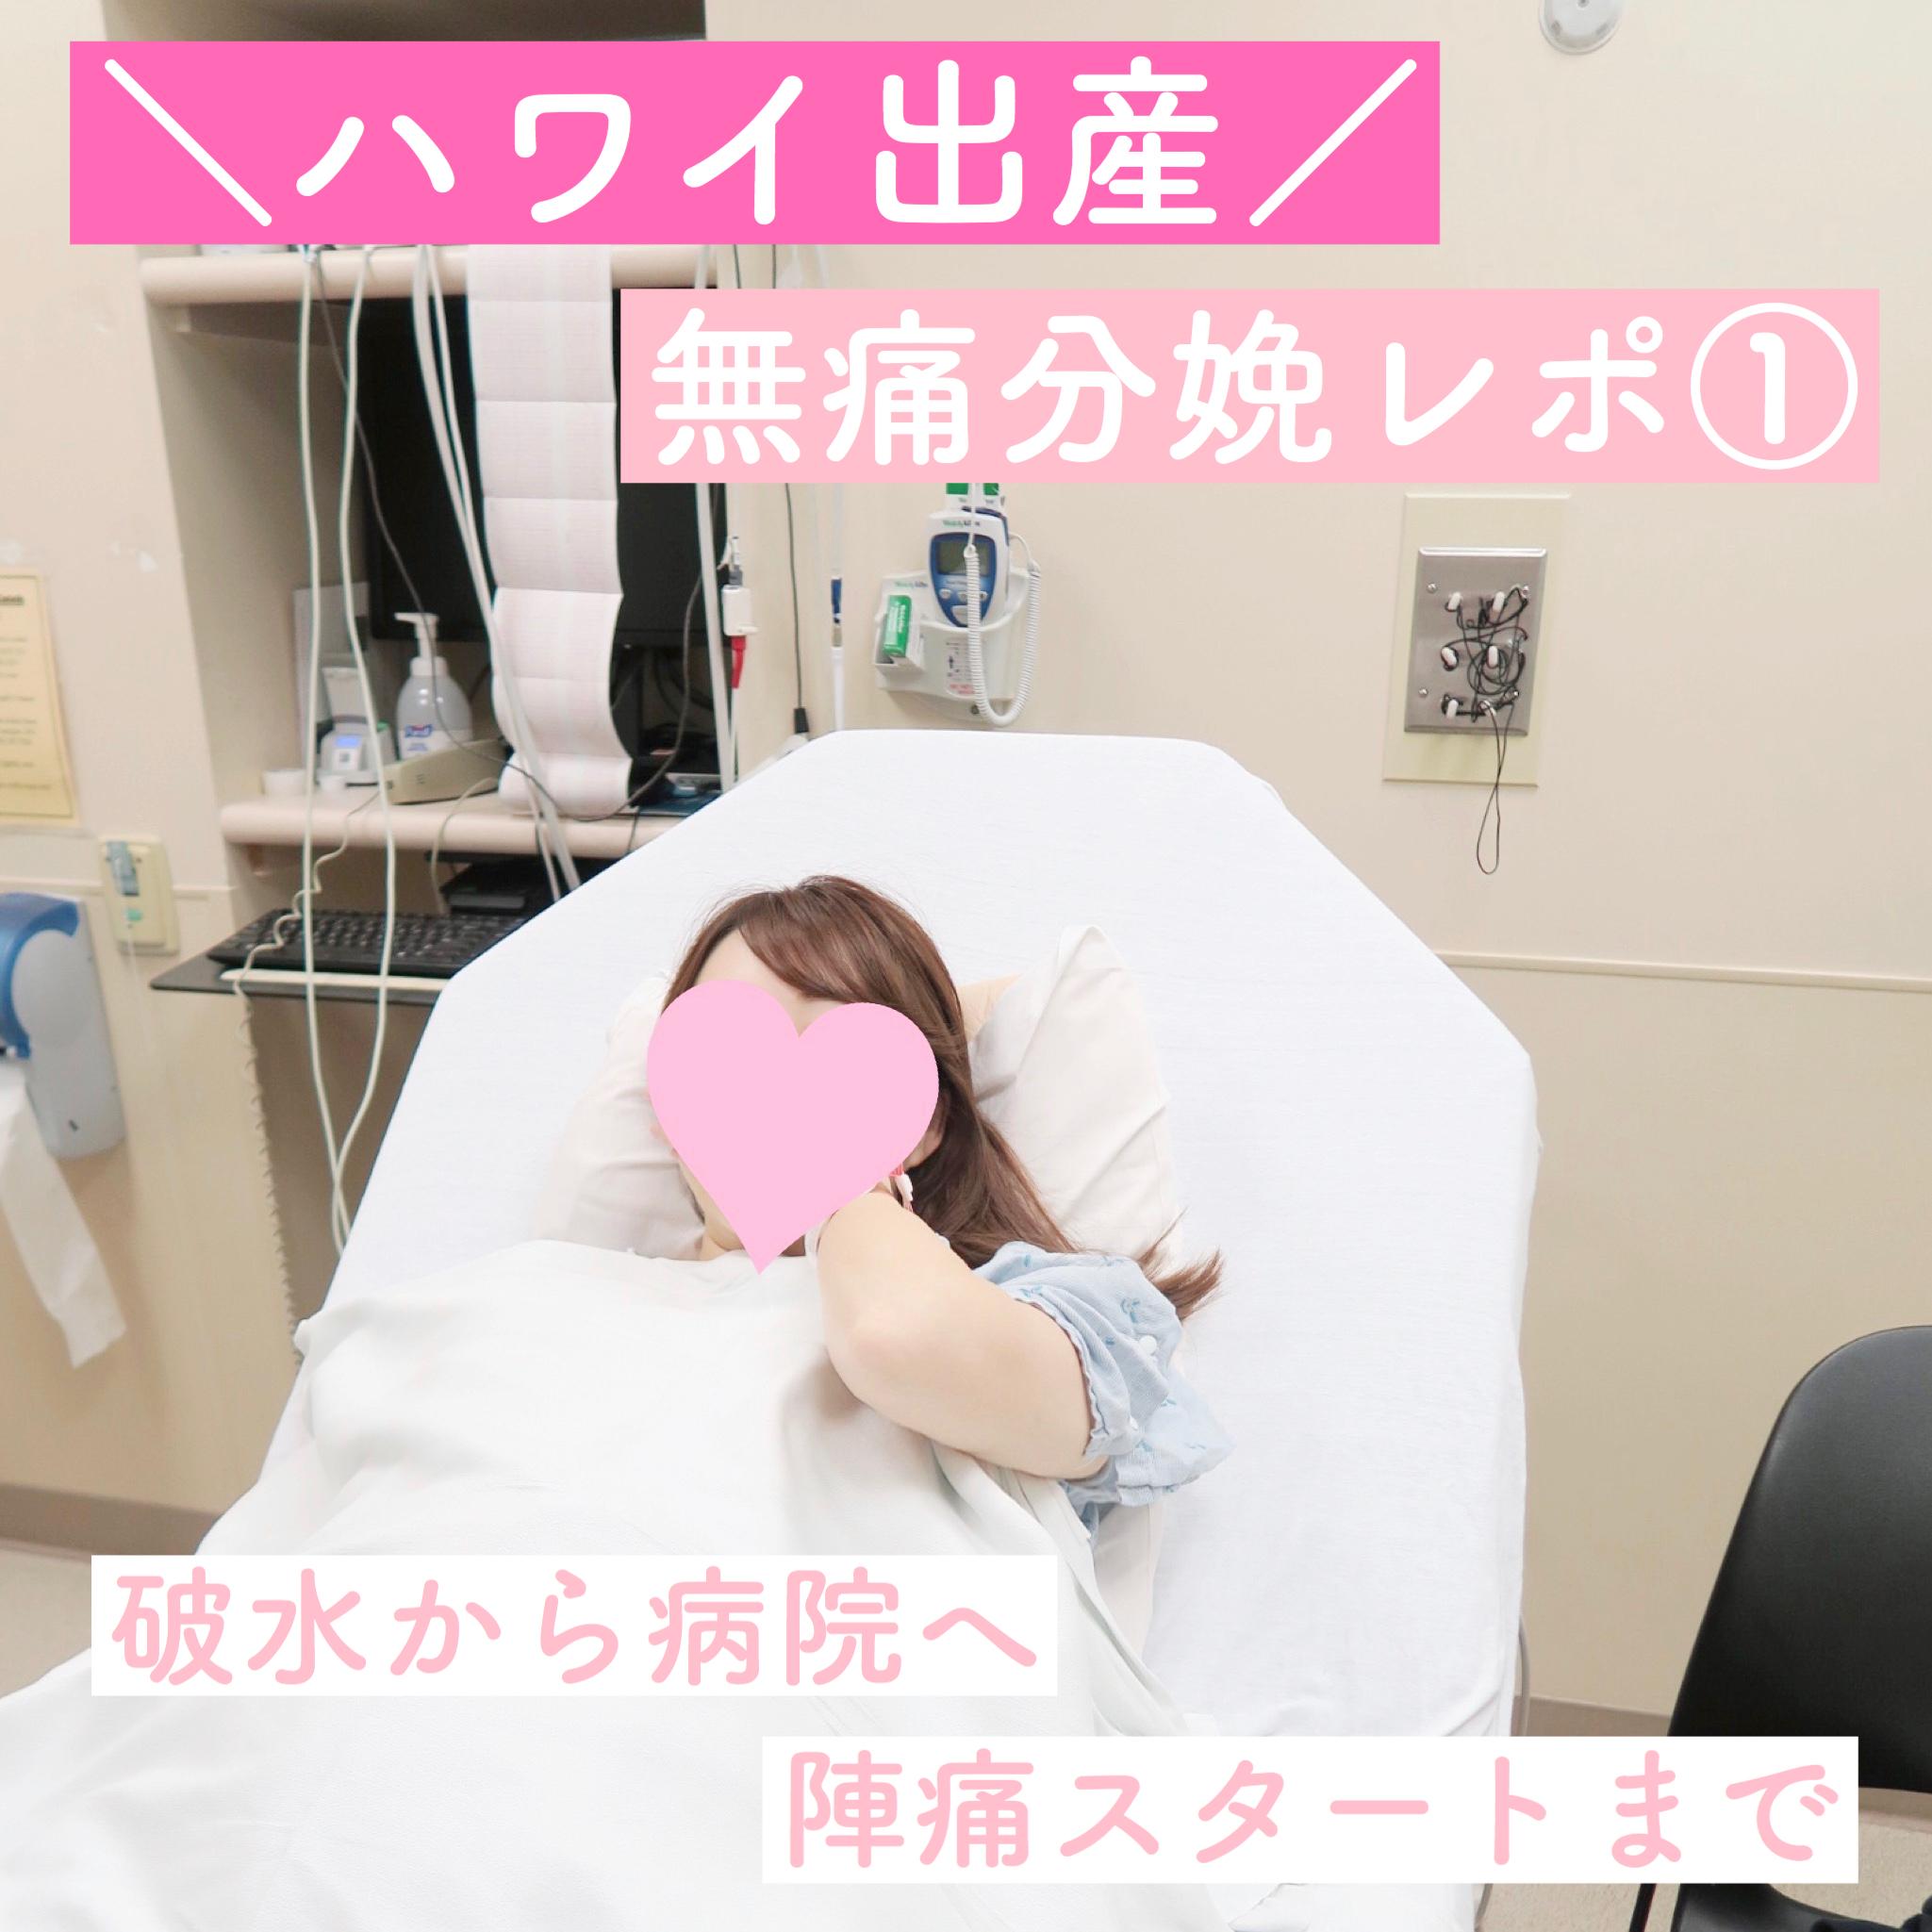 【ハワイ出産】無痛分娩レポ①〜破水から病院へ。陣痛スタート〜